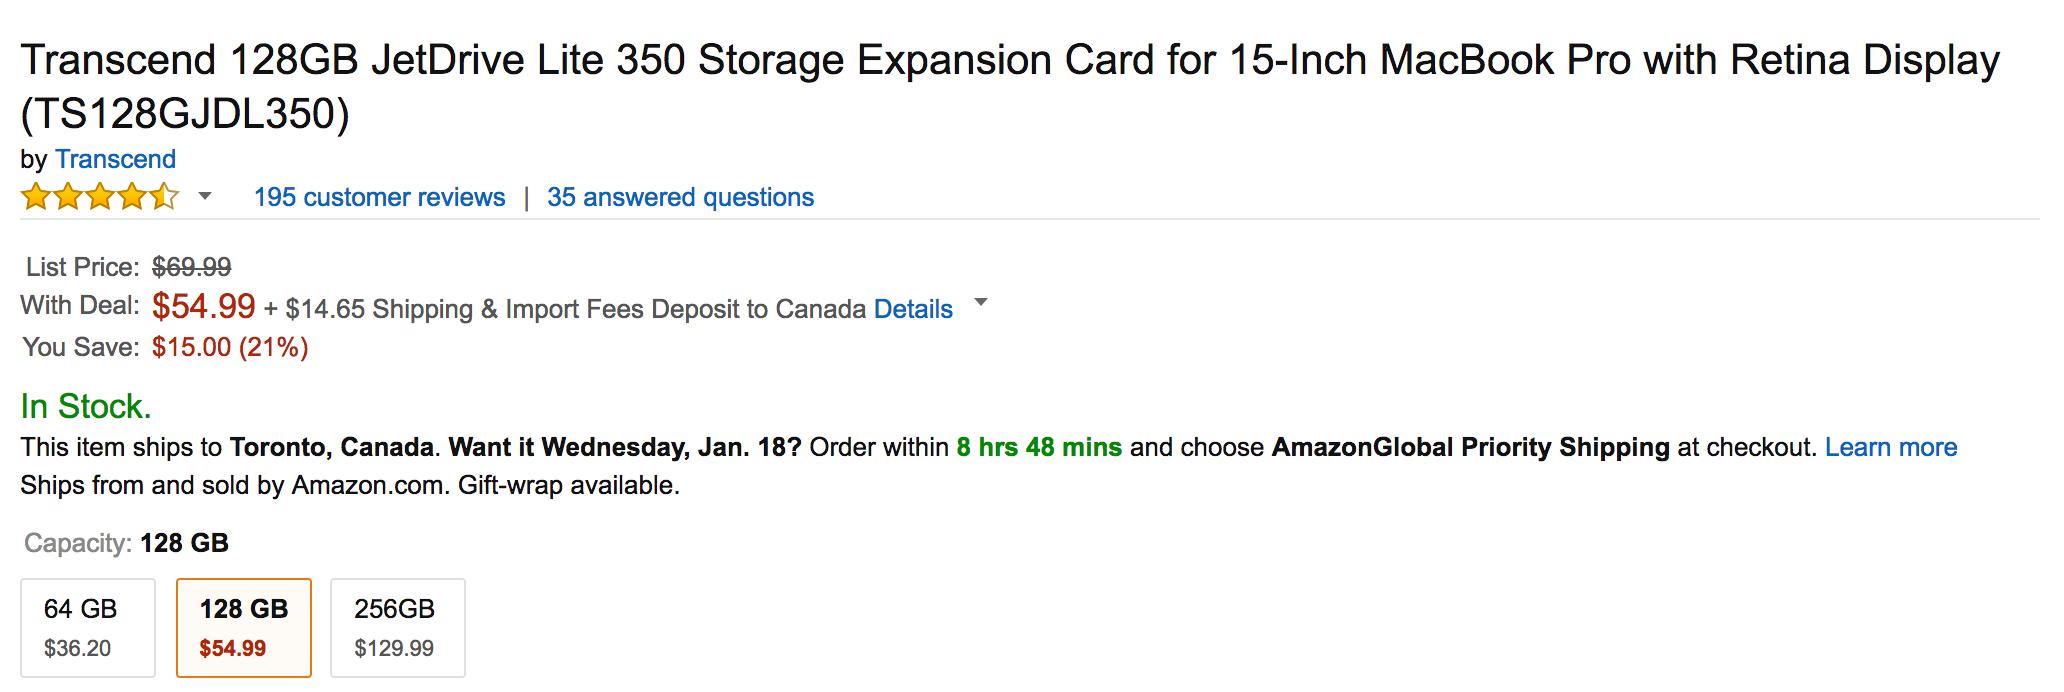 transcend-128gb-jetdrive-lite-350-storage-expansion-card-2